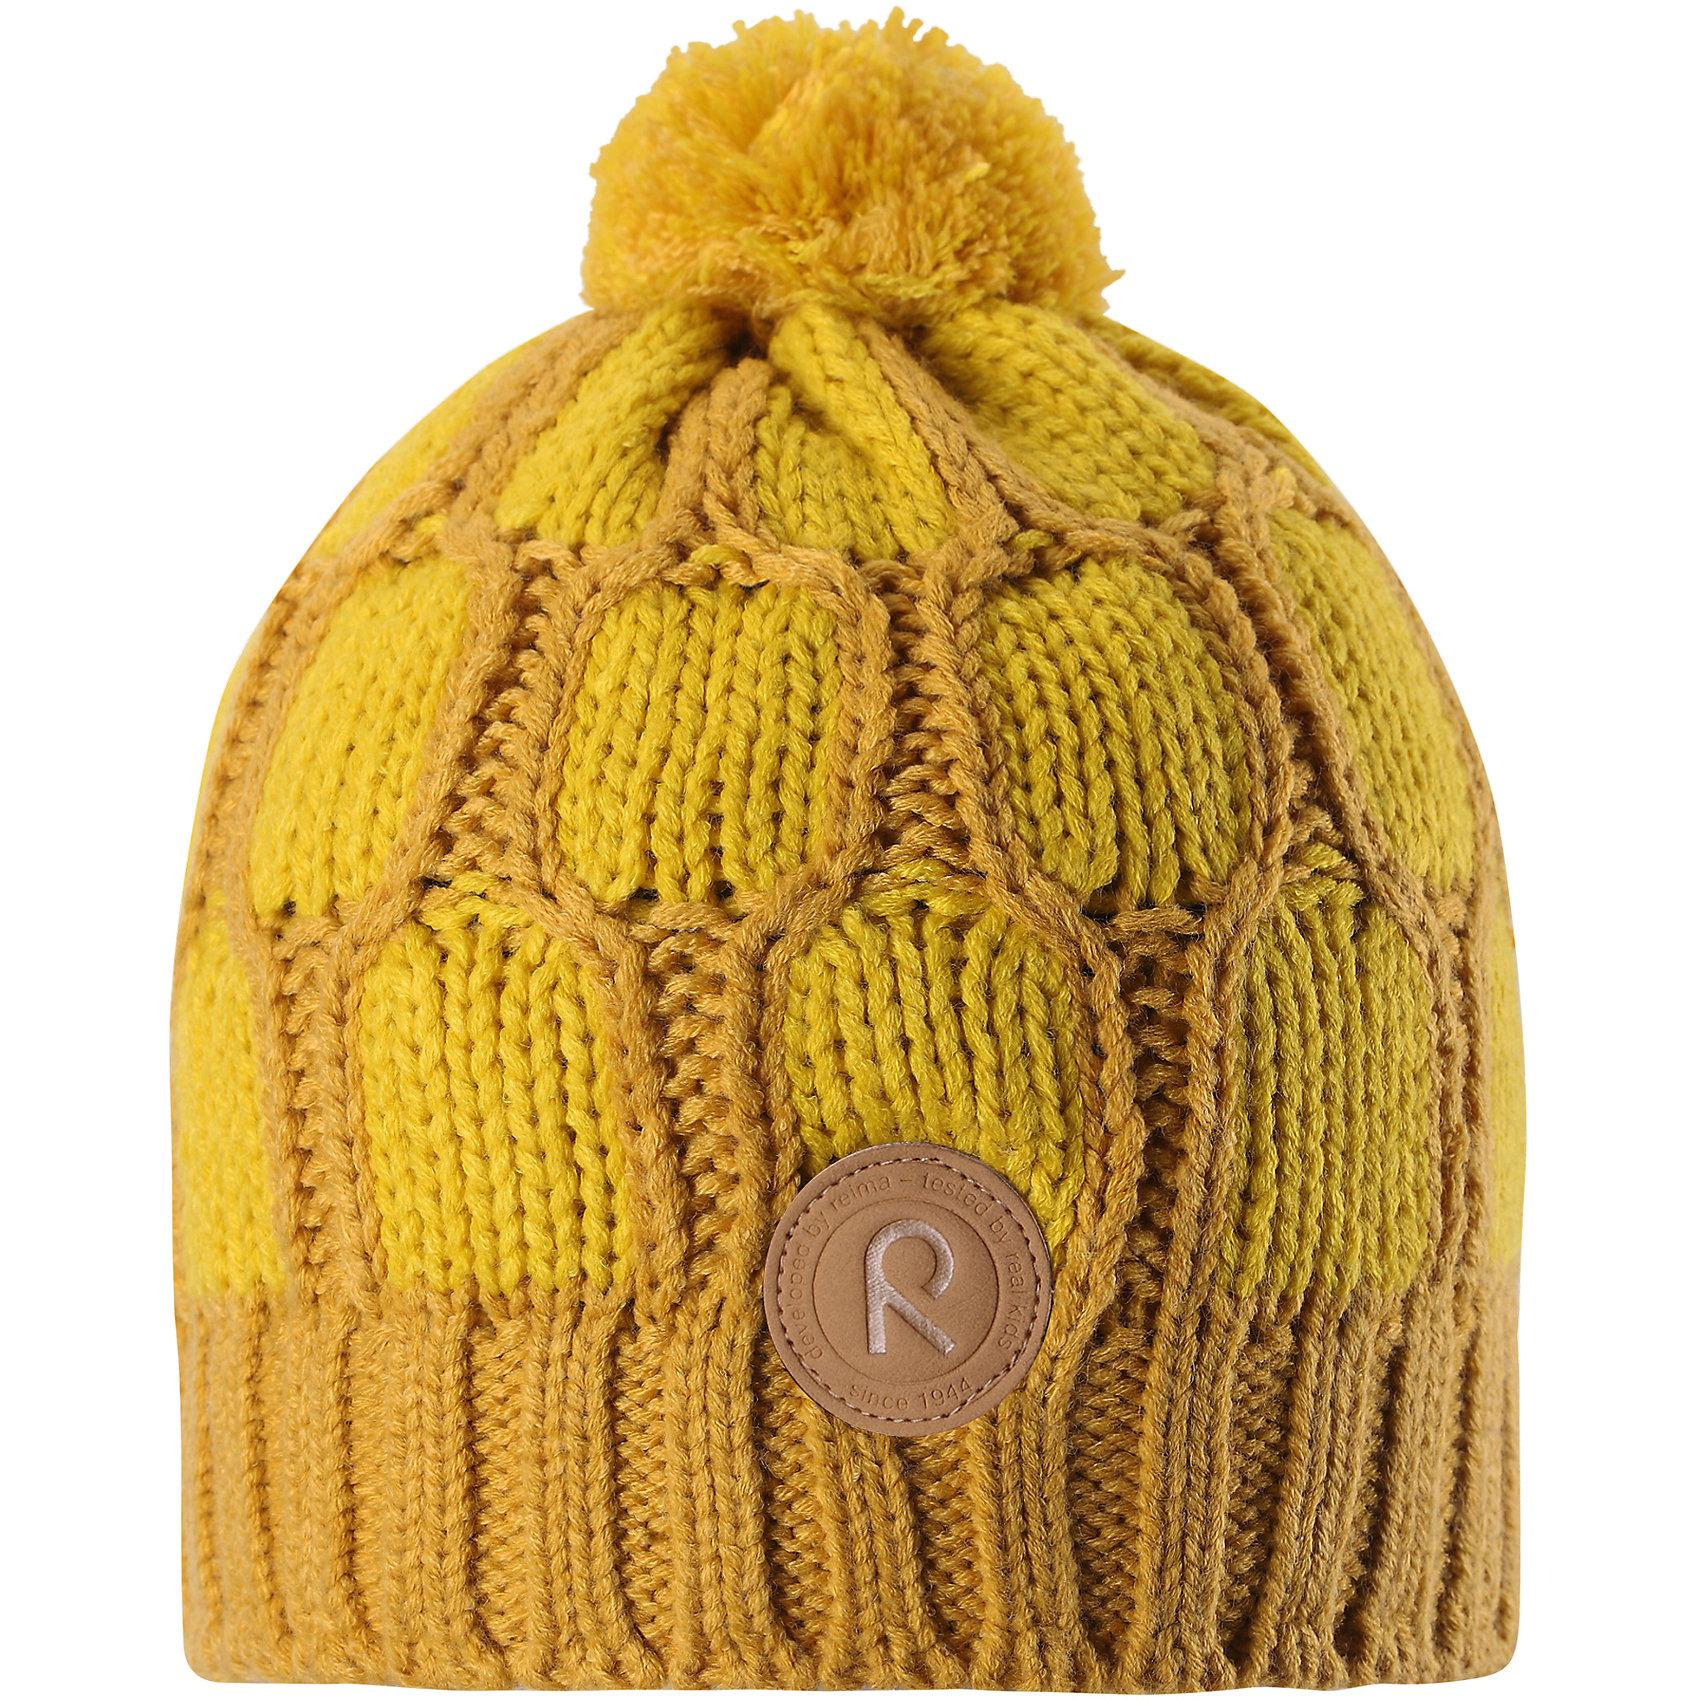 Шапка Reima LakkaГоловные уборы<br>Характеристики товара:<br><br>• цвет: желтый;<br>• состав: 100% полиакрил;<br>• подкладка: 100% полиэстер, флис;<br>• утеплитель: без дополнительного утепления;<br>• сезон: зима;<br>• температурный режим: от 0 до -20С;<br>• особенности: вязаная, с помпоном;<br>• теплый, толстый, качественный трикотаж;<br>• ветронепроницаемые вставки в области ушей;<br>• сплошная подкладка: мягкий теплый флис;<br>• светоотражающие детали;<br>• страна бренда: Финляндия;<br>• страна изготовитель: Китай.<br><br>Детская шапка связана из теплой, плотной, высококачественной пряжи. Ветронепроницаемые вставки и подкладка из мягкого и дышащего флиса. Оригинальный структурный узор и большой помпон на макушке дополняют образ.<br><br>Шапку Lakka Reima от финского бренда Reima (Рейма) можно купить в нашем интернет-магазине.<br><br>Ширина мм: 89<br>Глубина мм: 117<br>Высота мм: 44<br>Вес г: 155<br>Цвет: желтый<br>Возраст от месяцев: 84<br>Возраст до месяцев: 144<br>Пол: Унисекс<br>Возраст: Детский<br>Размер: 56,52,54<br>SKU: 6906612